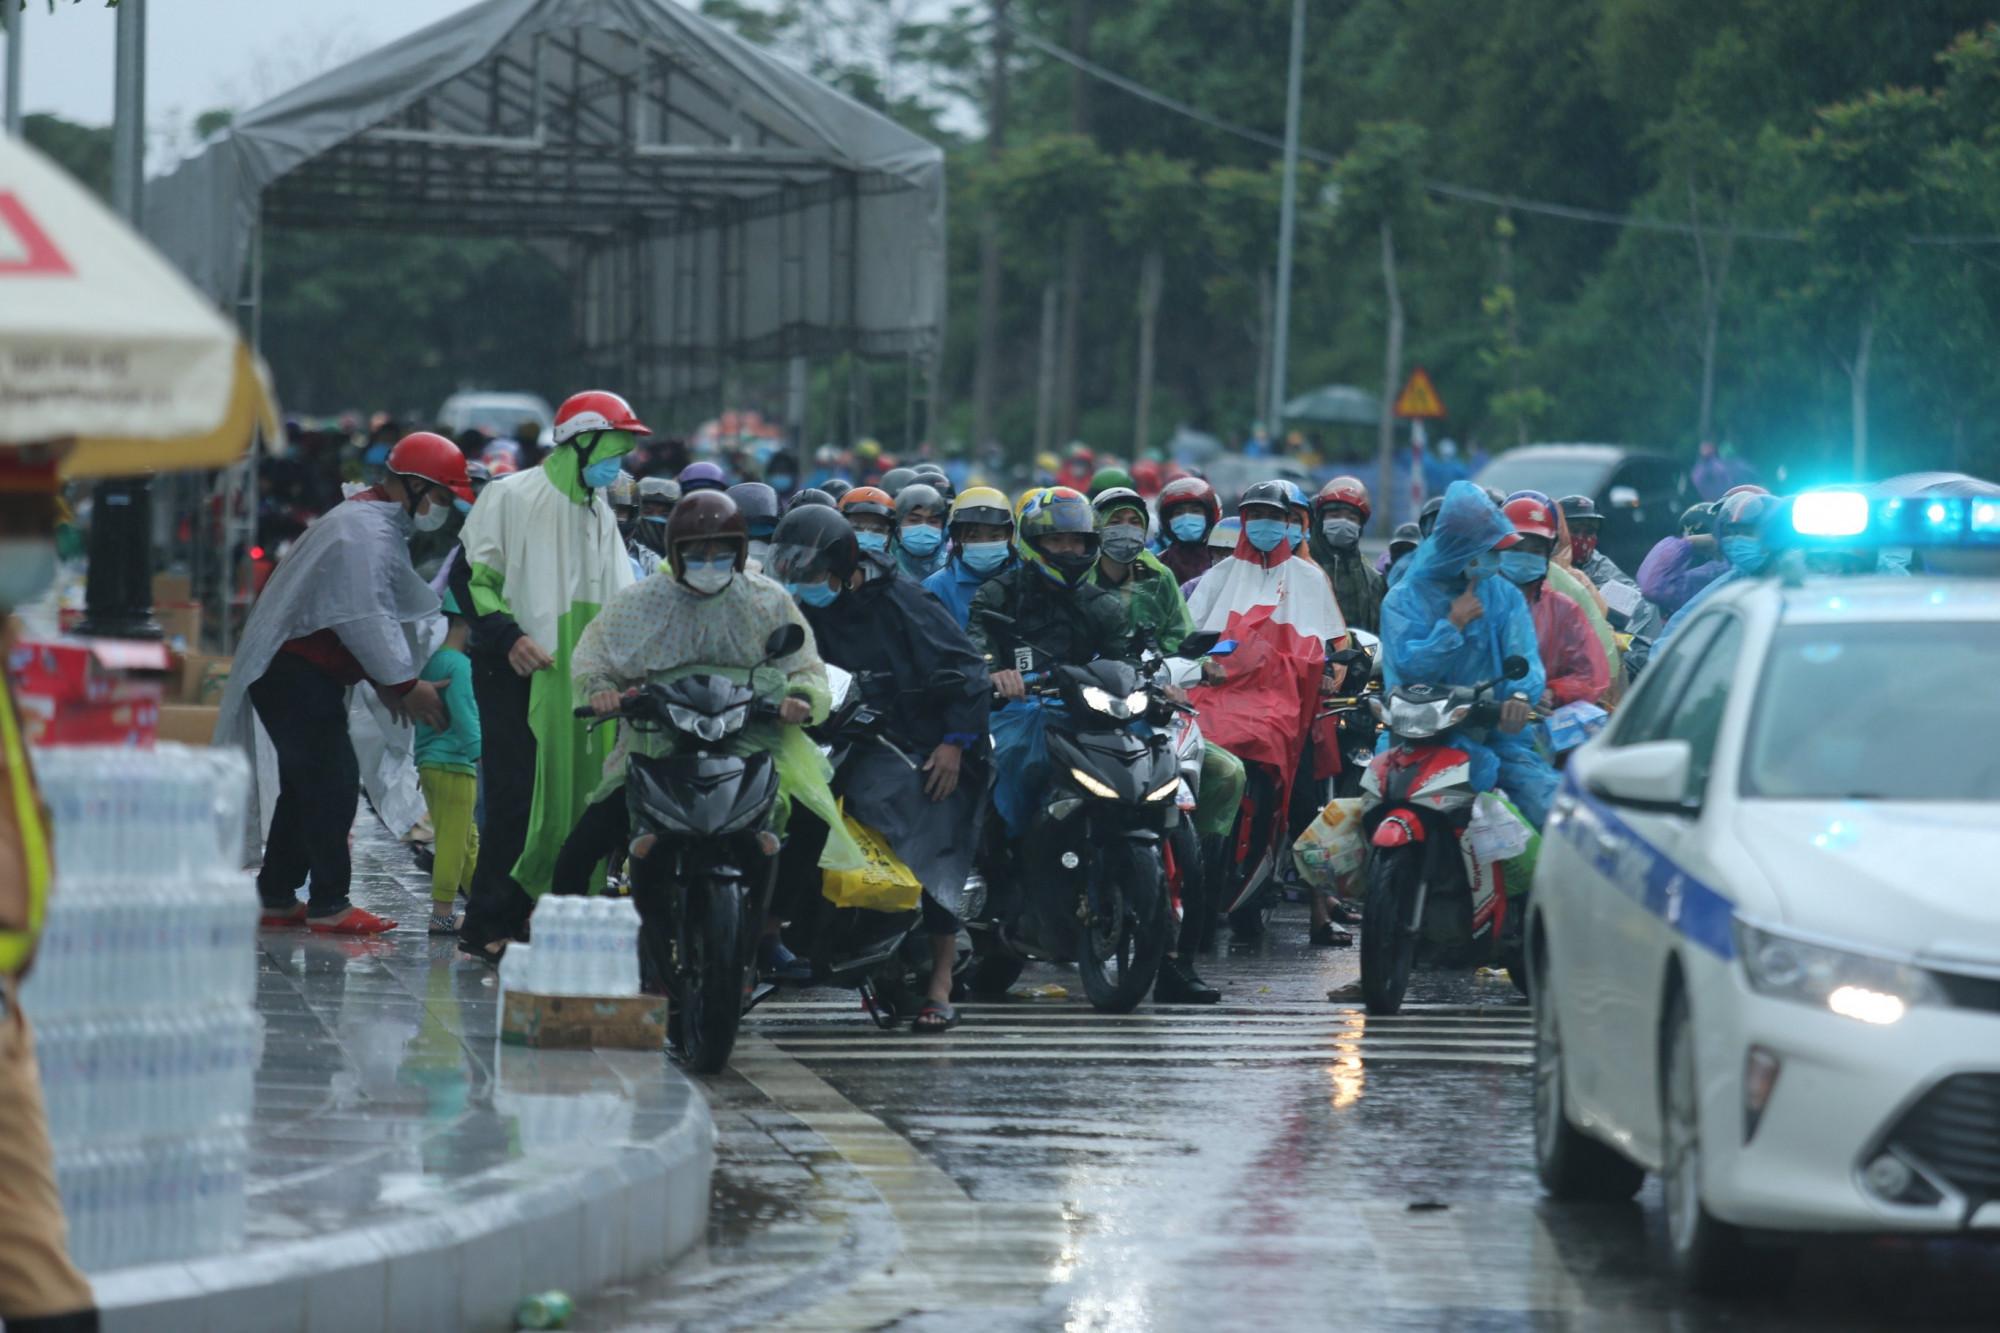 Công dân các tỉnh khác được CSGT dẫn đoàn chạy theo quốc lộ 1A, đi hết địa phận Nghệ An